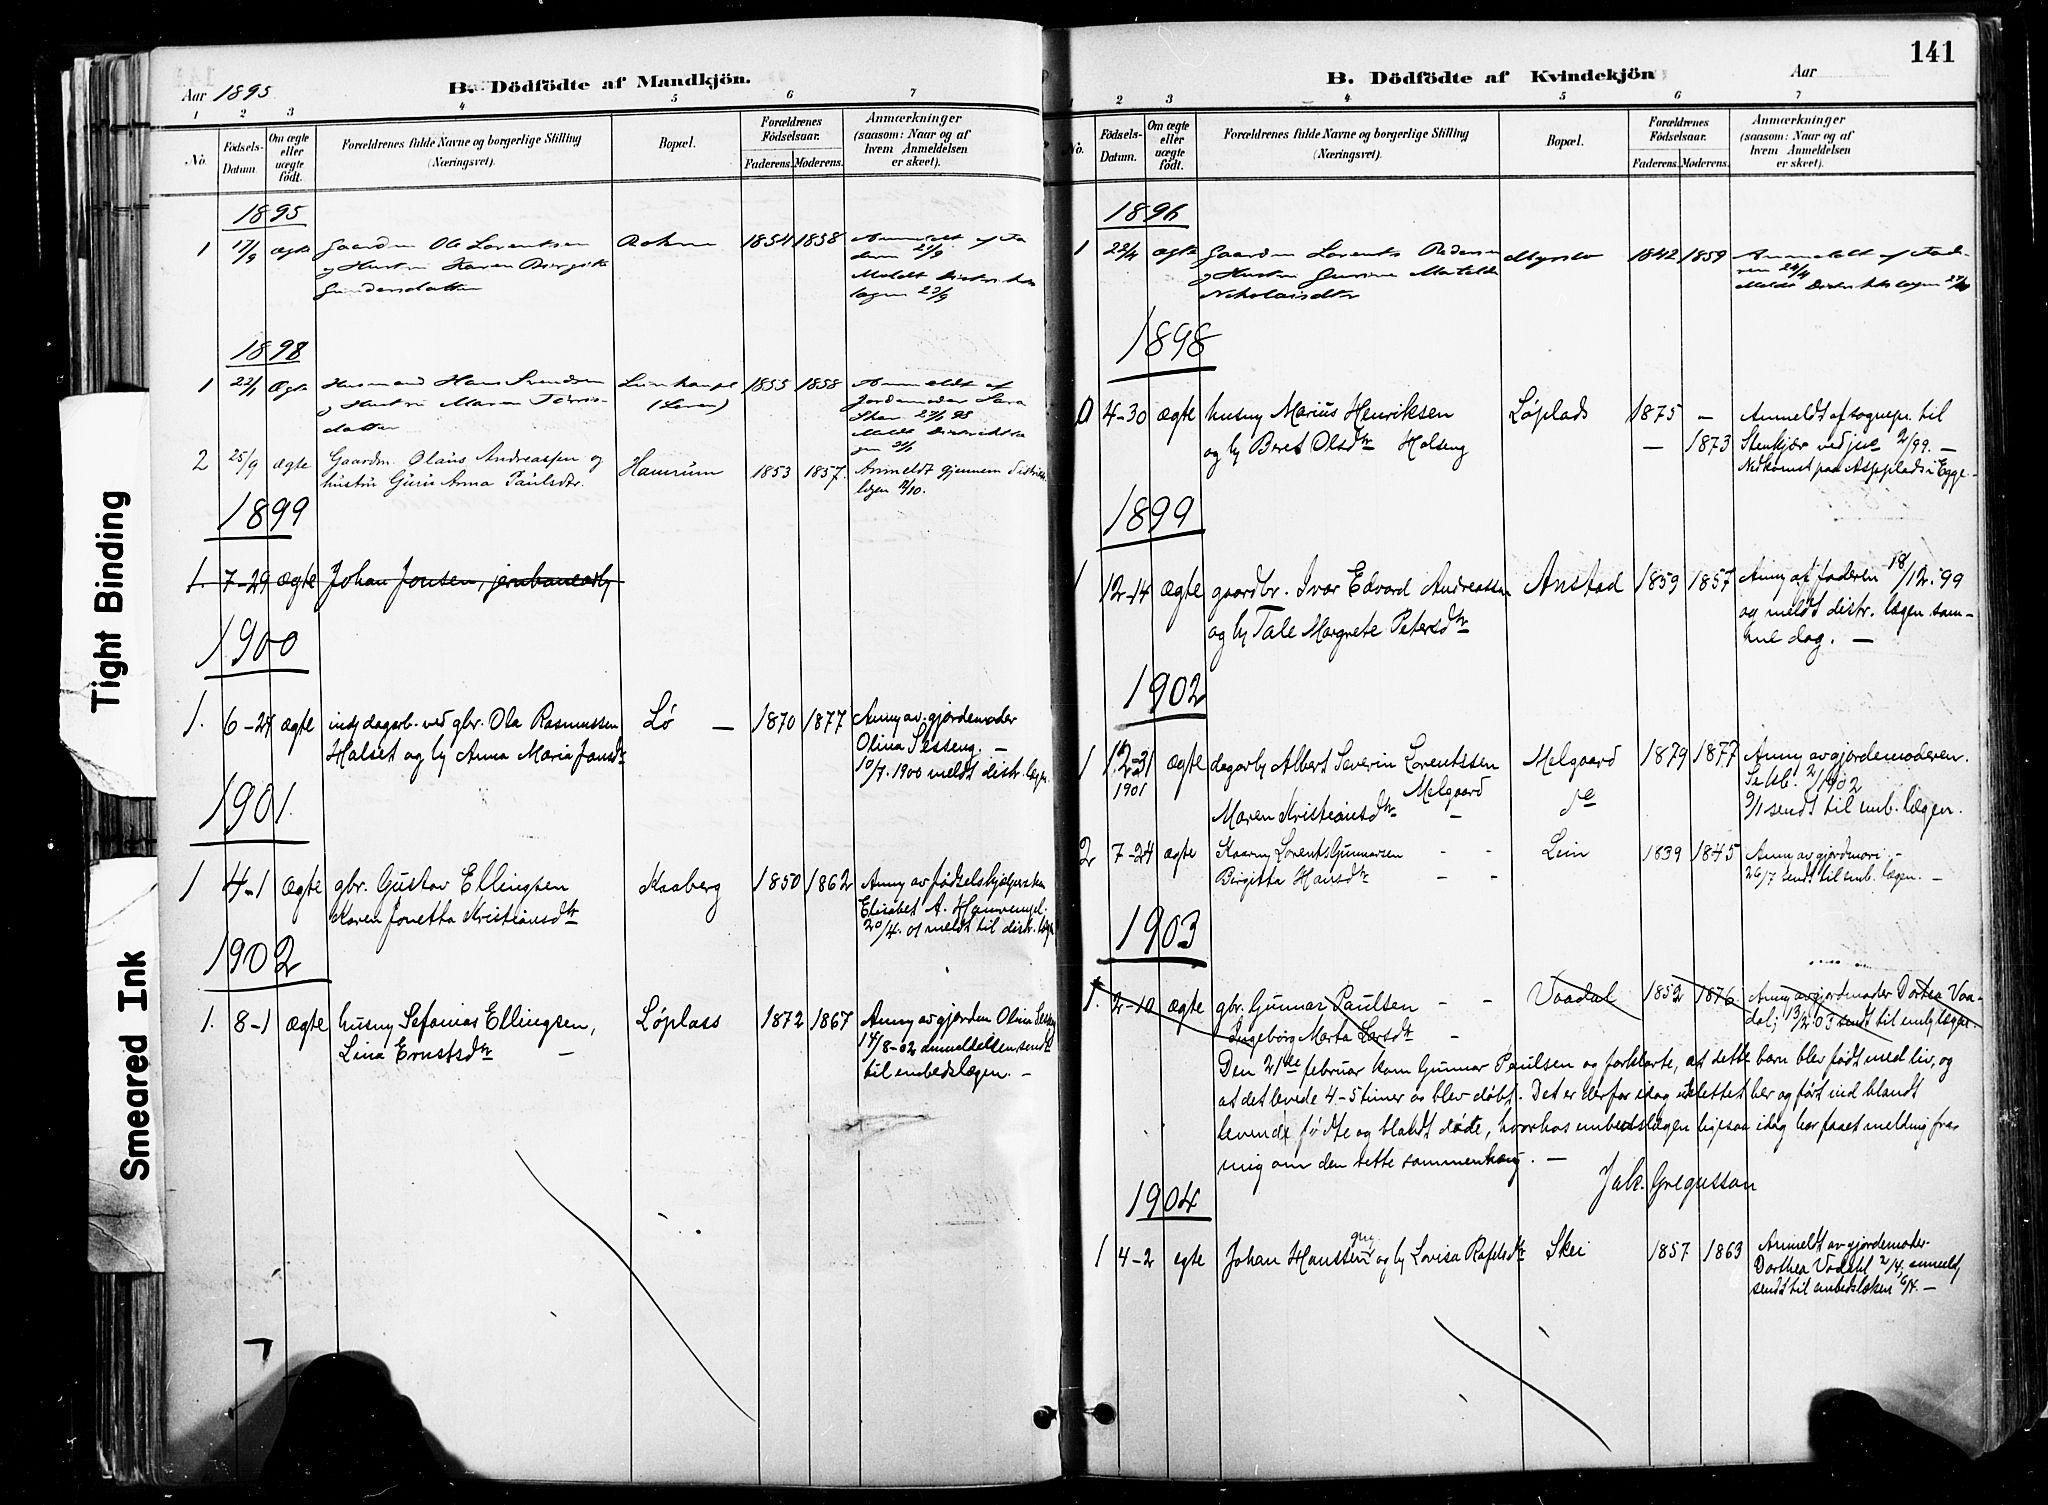 SAT, Ministerialprotokoller, klokkerbøker og fødselsregistre - Nord-Trøndelag, 735/L0351: Ministerialbok nr. 735A10, 1884-1908, s. 141